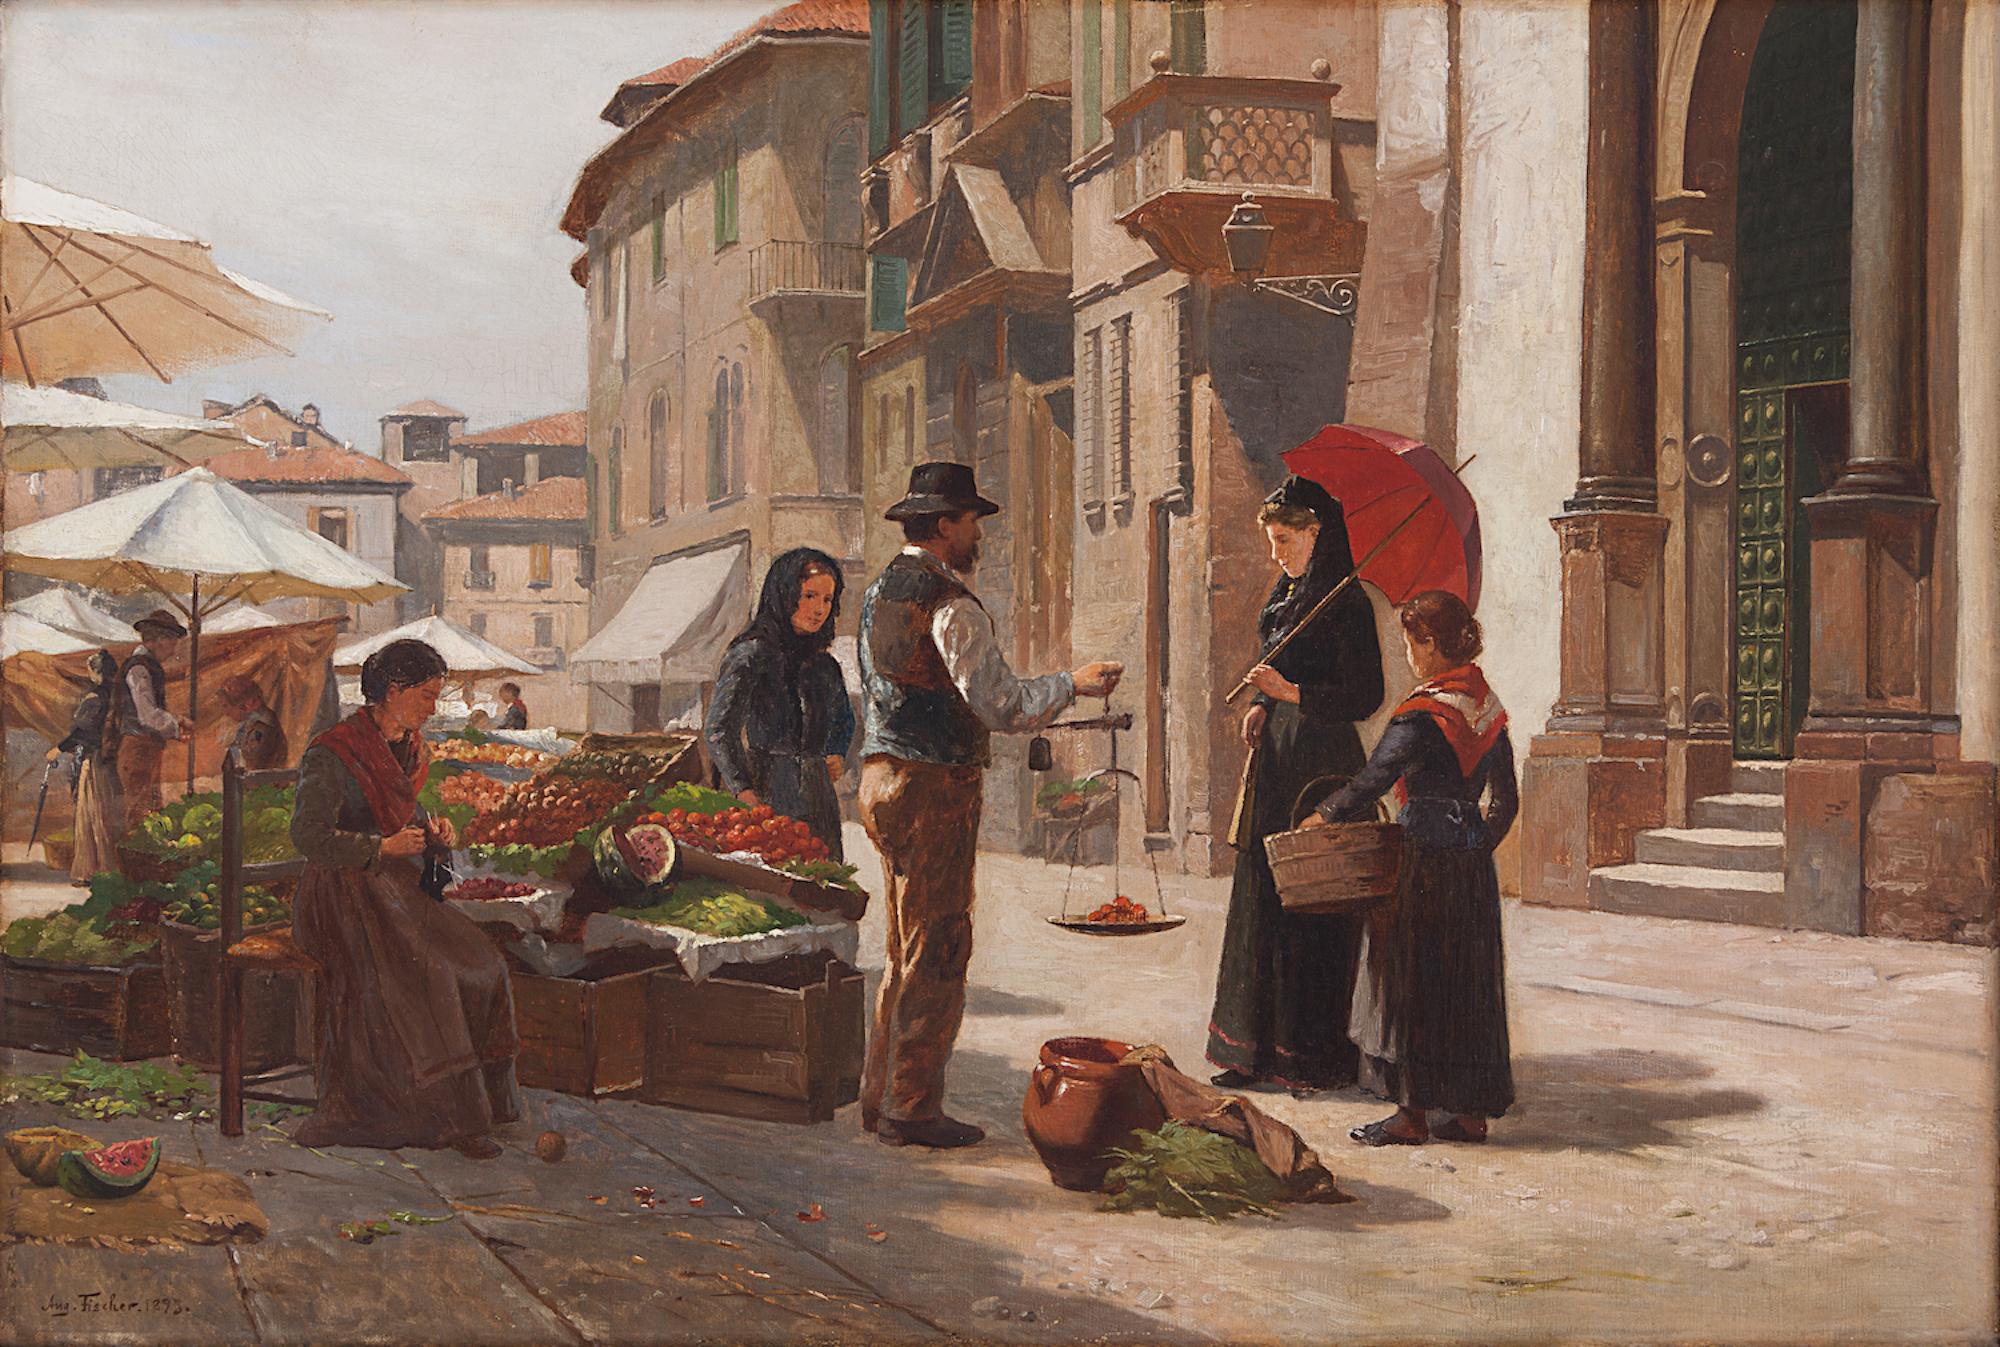 Dipinti del XIX e XX secolo. Accurata selezione in vendita da Santa Giulia